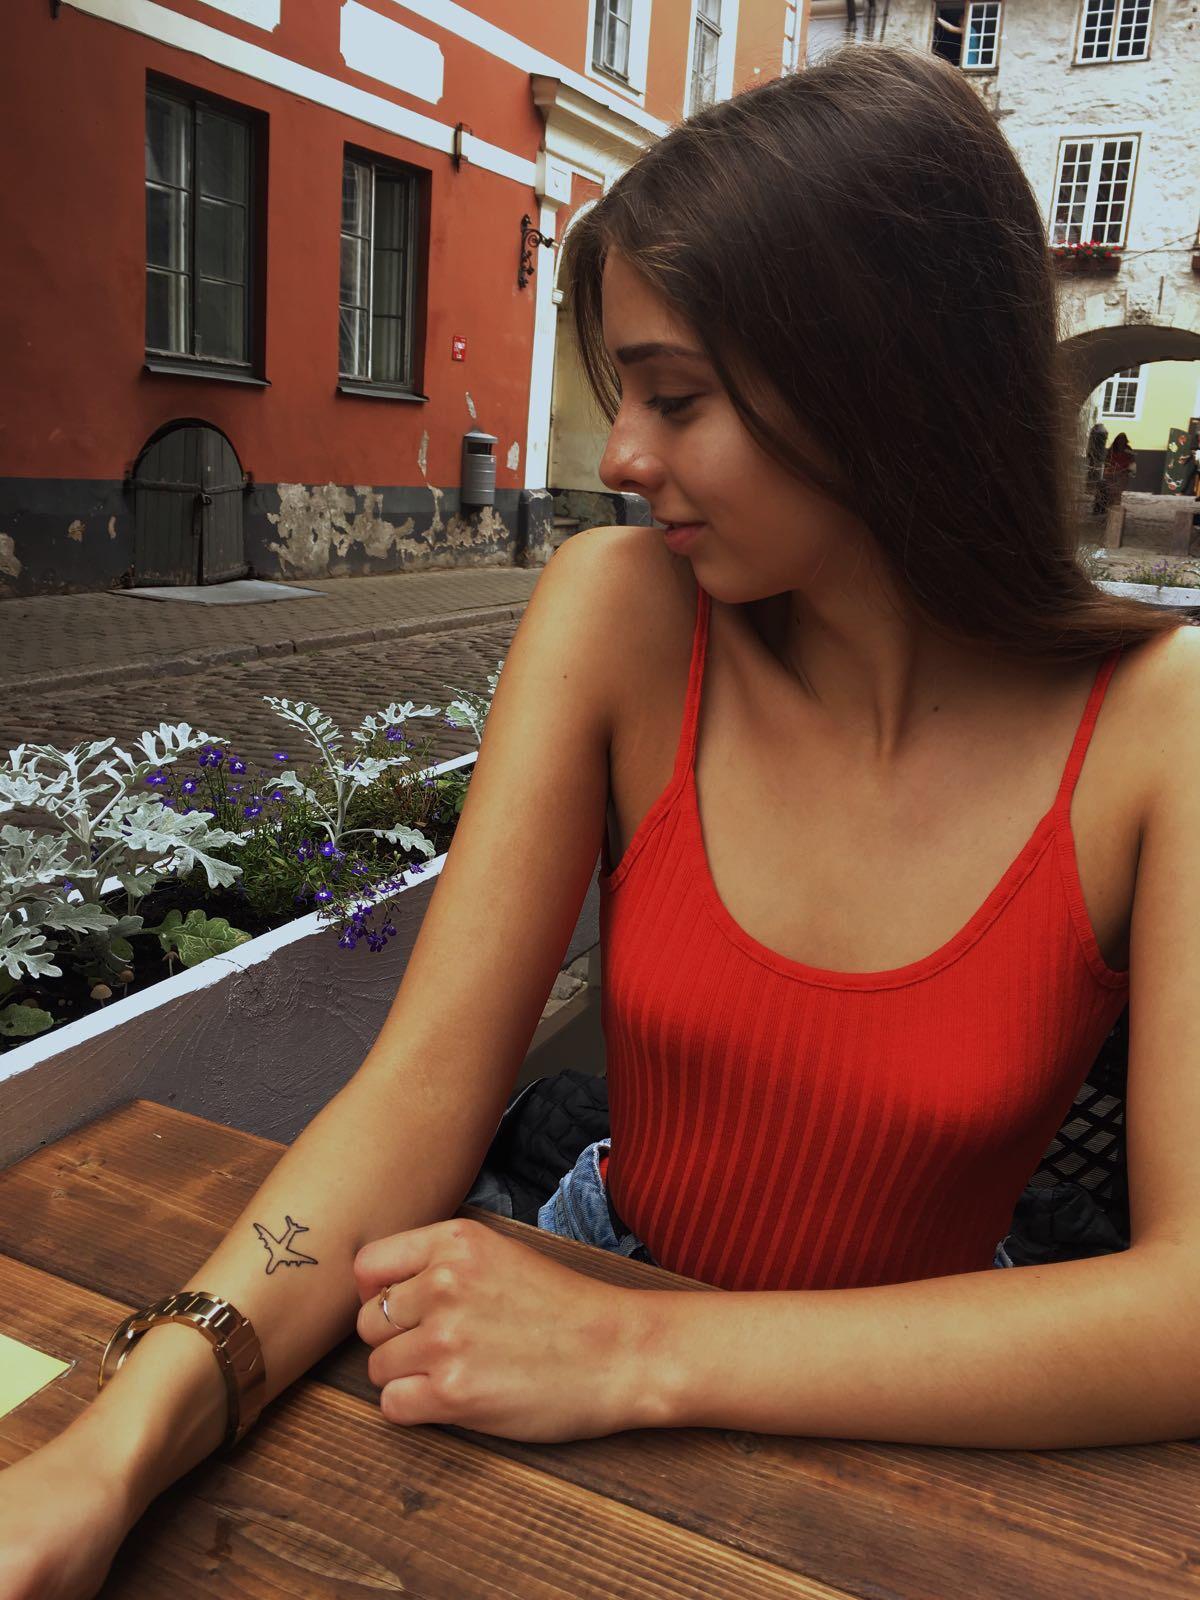 Aleksandra Medina / Photo: author's own